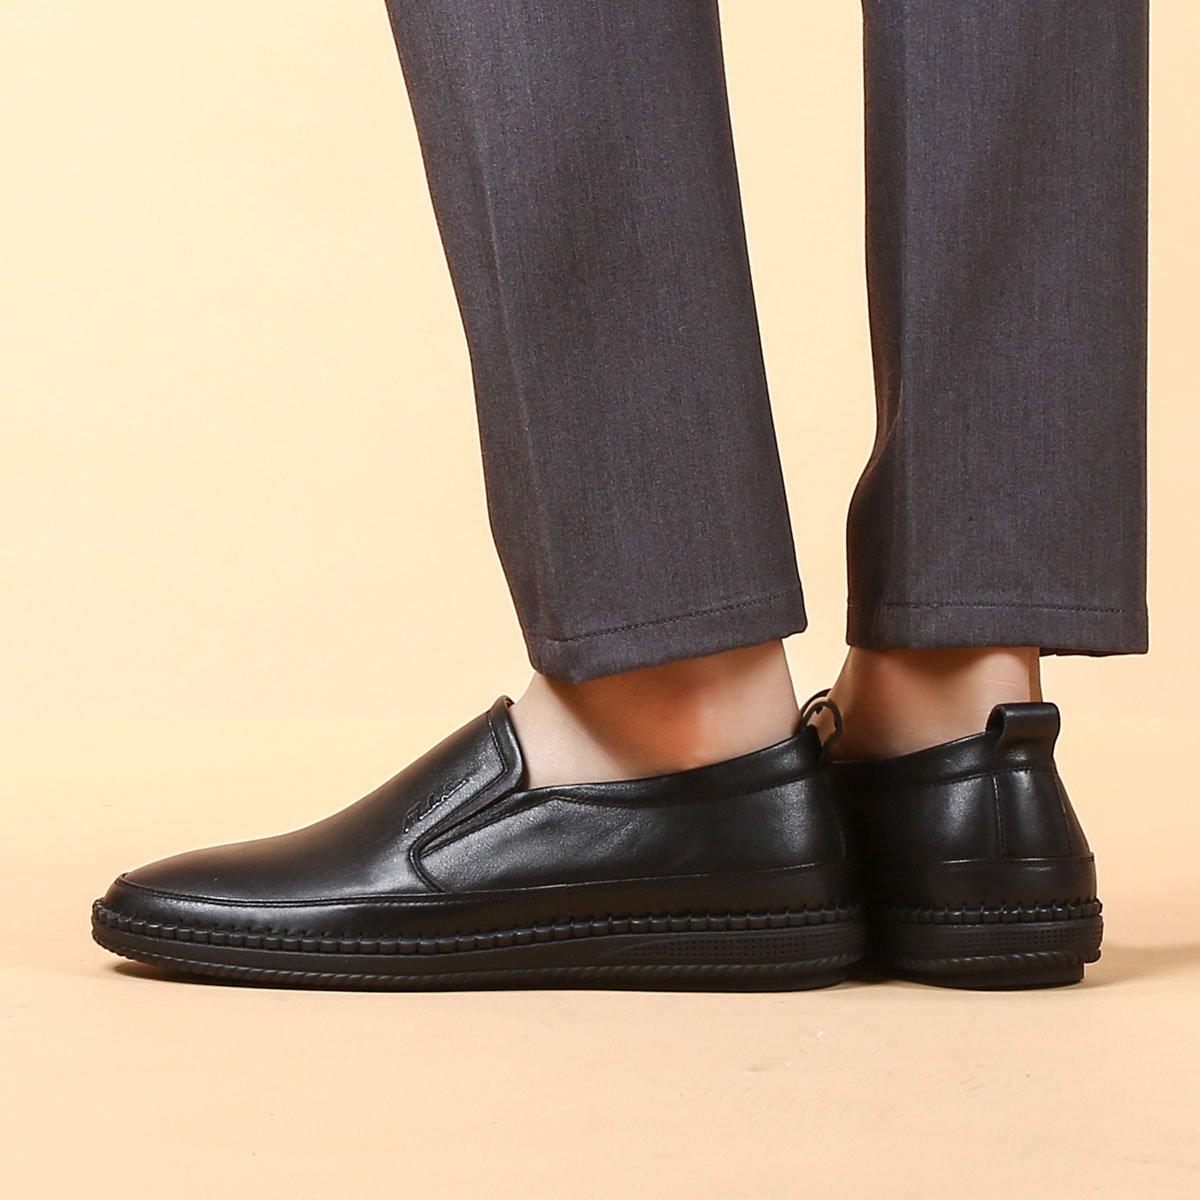 木林森男鞋春季真皮休闲鞋男士皮鞋男青年英伦套脚简约百搭休闲鞋男Q01838291